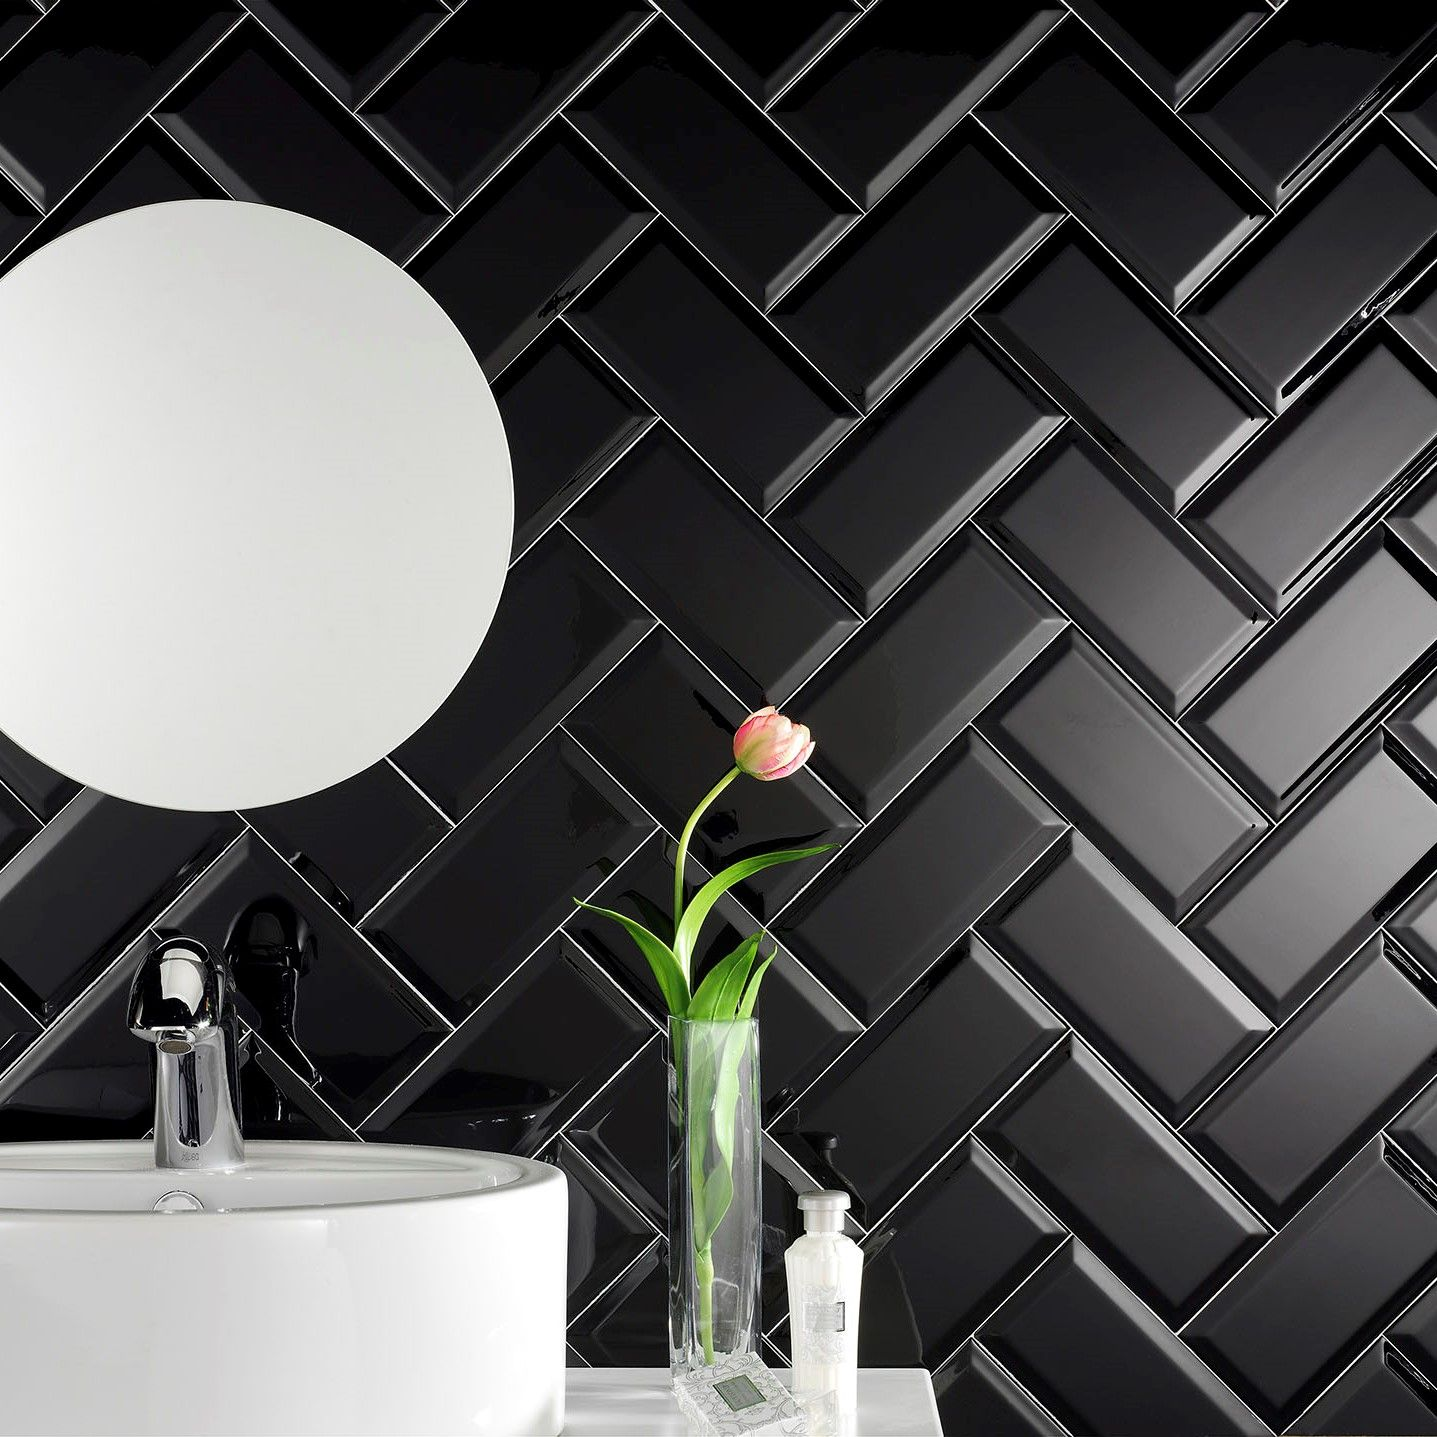 Metrotegels in zwart mat formaat 10x20cm. Hier in visgraat geplaatst.